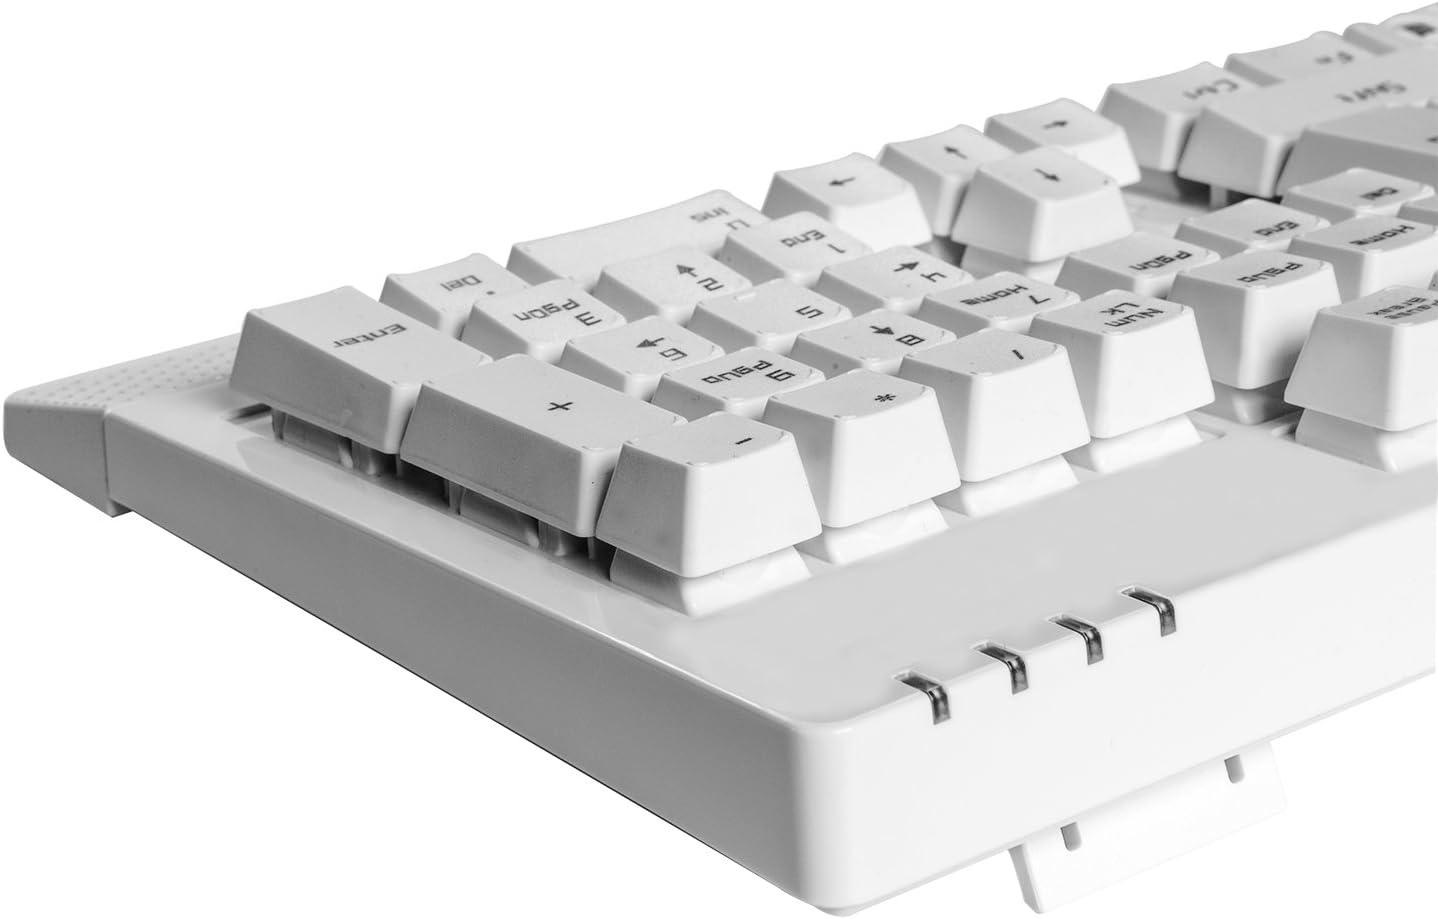 Aula - Teclado mecánico para juegos, 104 teclas, Blue Switch, USB, resistente al agua